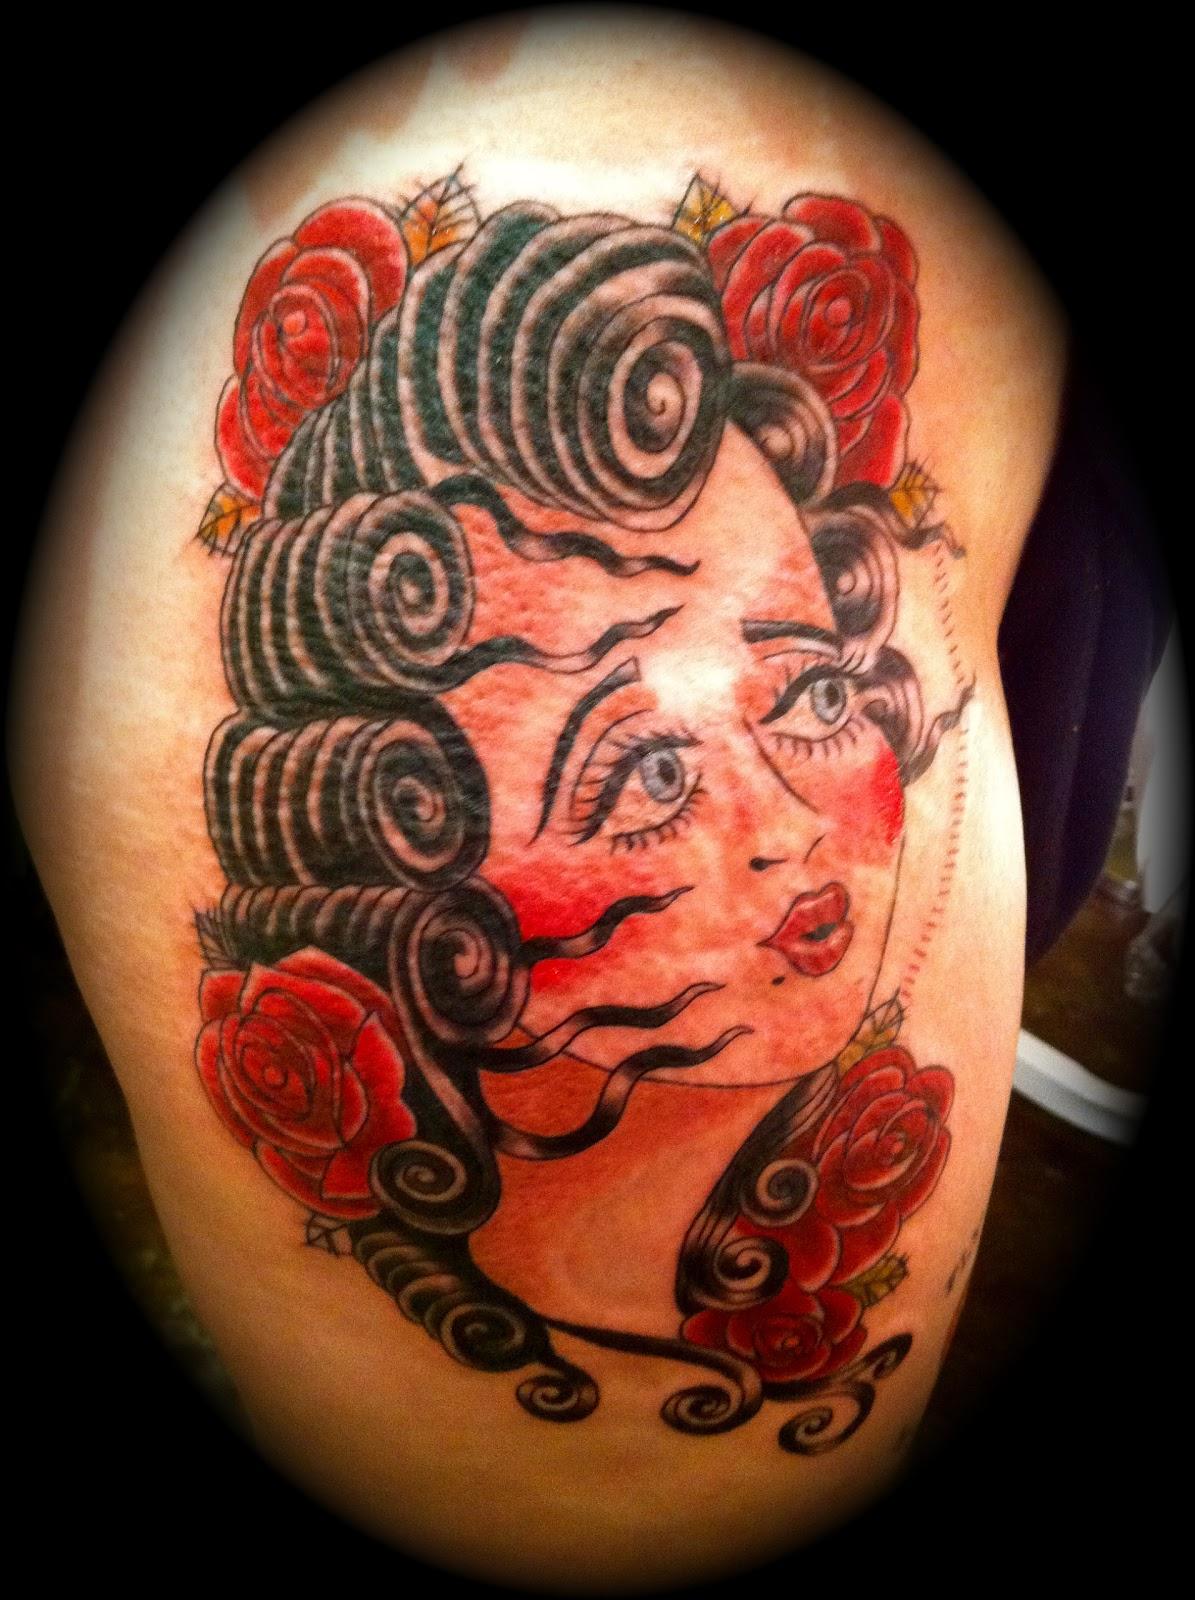 miss kitty tattoo asheville